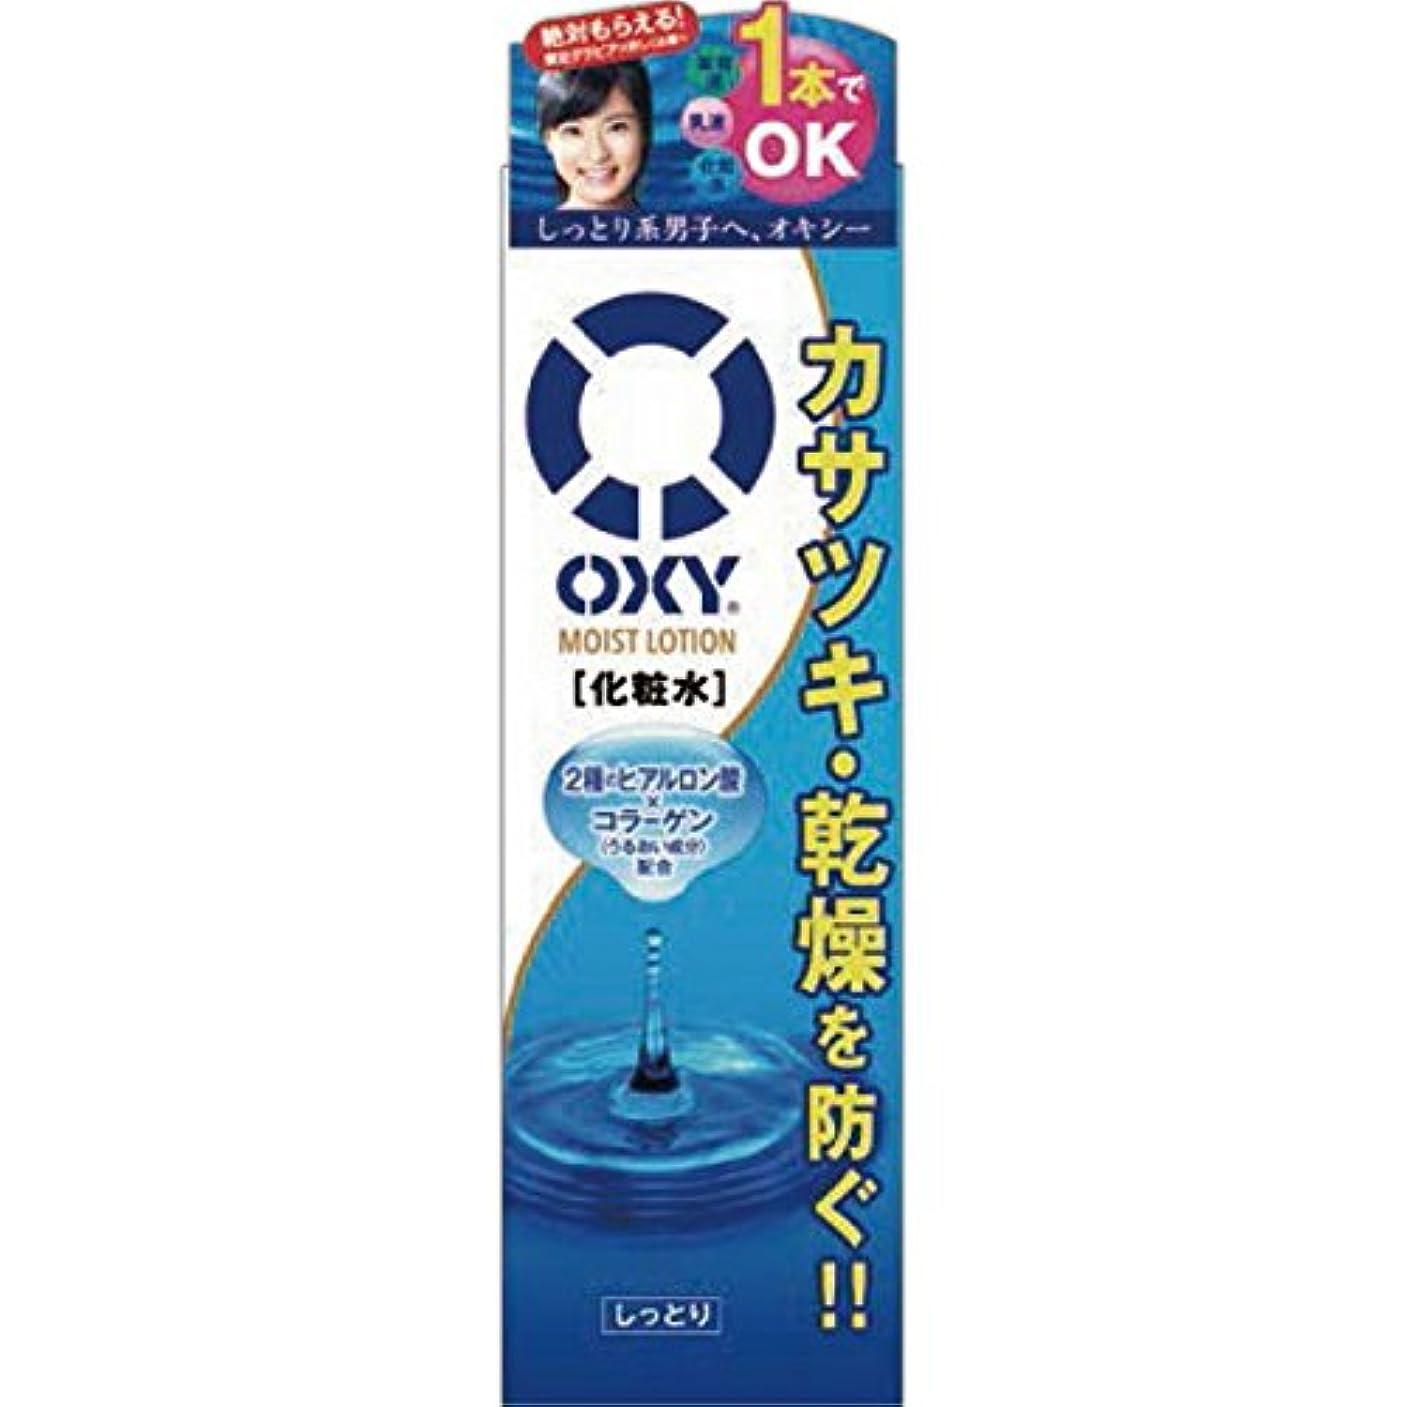 上げる強大なしゃがむオキシー (Oxy) モイストローション オールインワン化粧水 2種のヒアルロン酸×コラーゲン配合 ゼラニウムの香 170mL